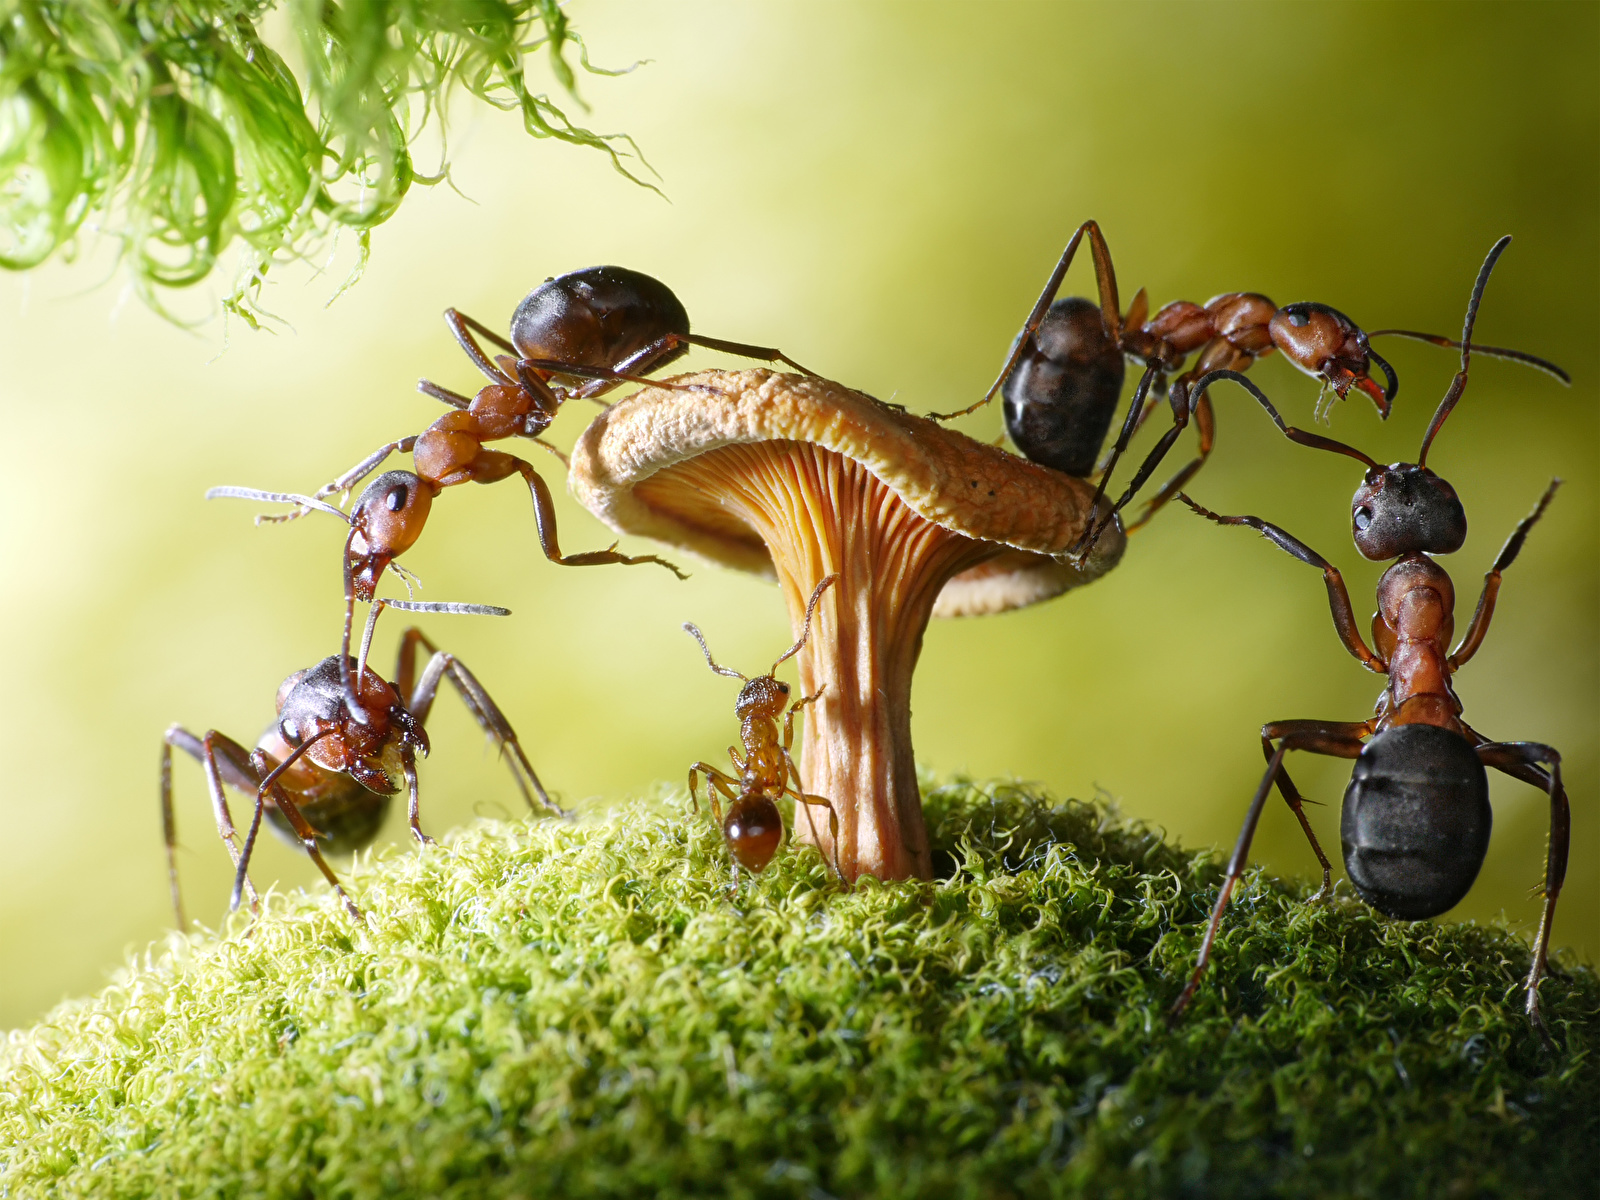 Снятся муравьи к чему - снятся муравьи много в большом количестве